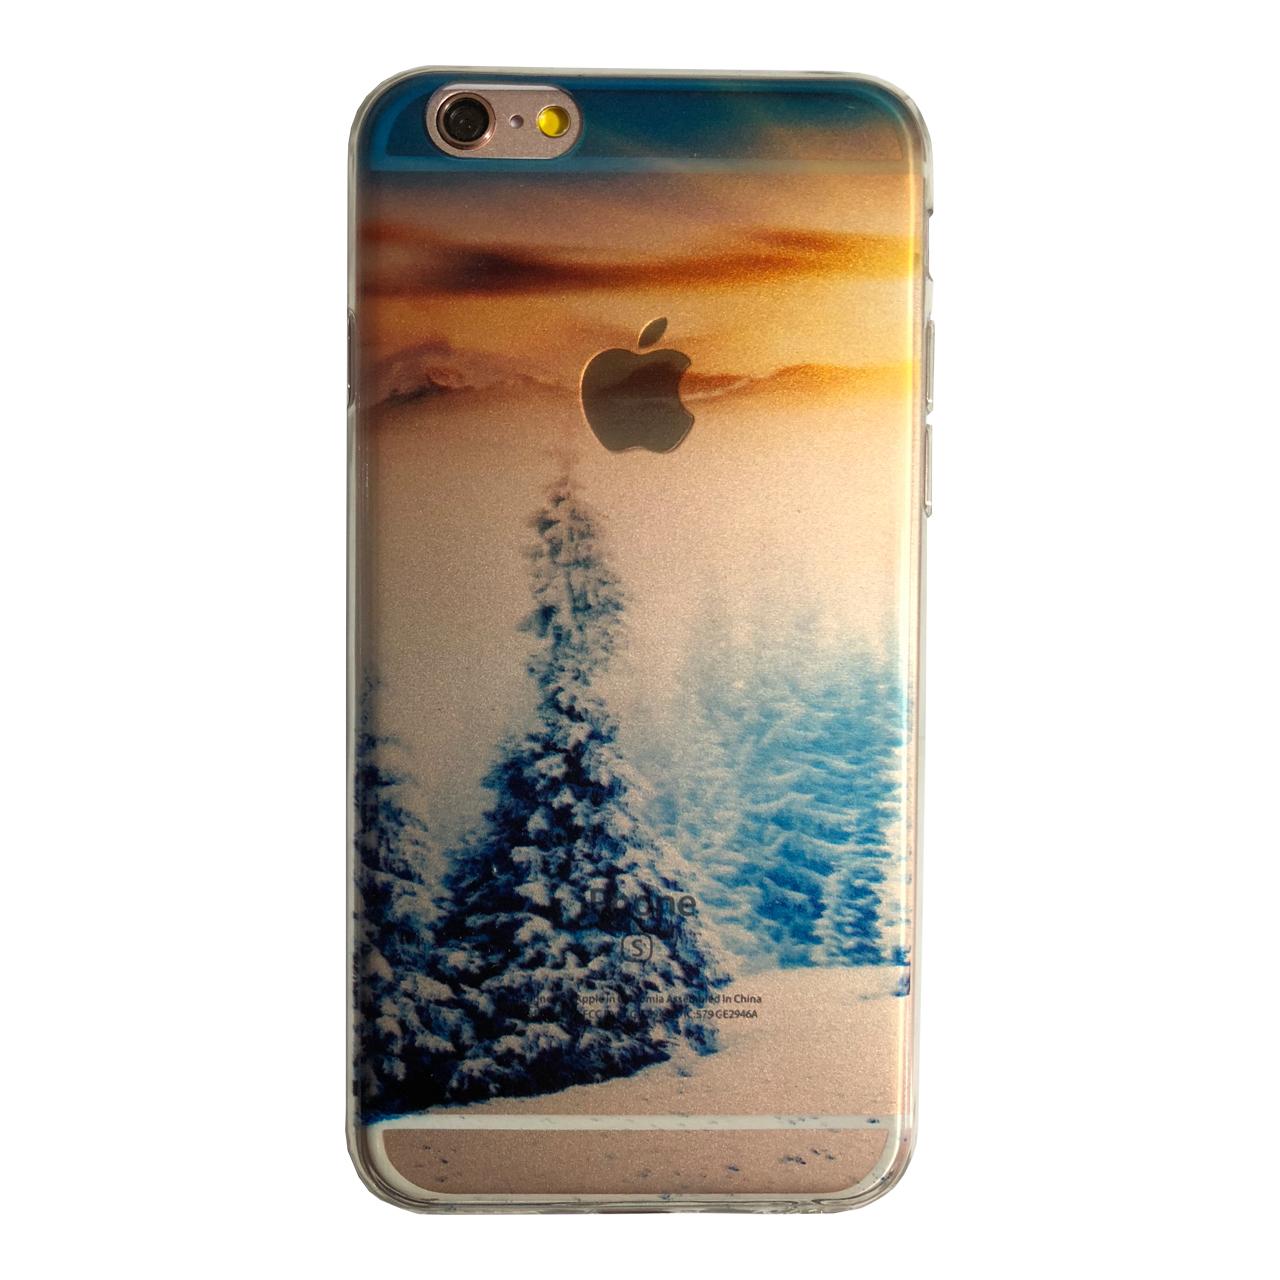 کاور مدل Snow مناسب برای گوشی موبایل آیفون 6 / 6s